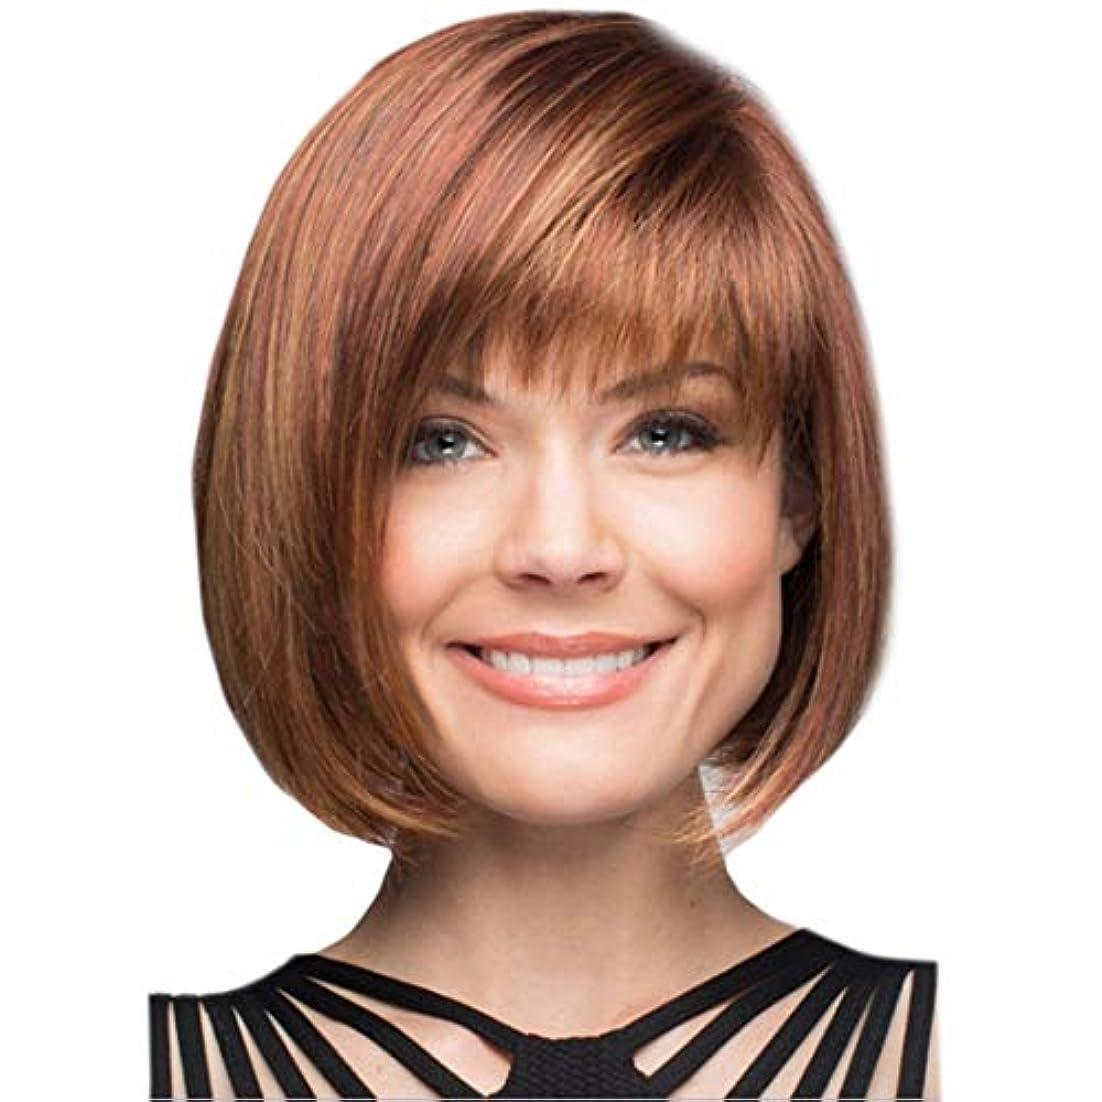 誘う圧縮する対抗Kerwinner 女性のための茶色の短いストレートヘアスプリットボボヘッドウィッグ化学繊維ウィッグヘッドギア